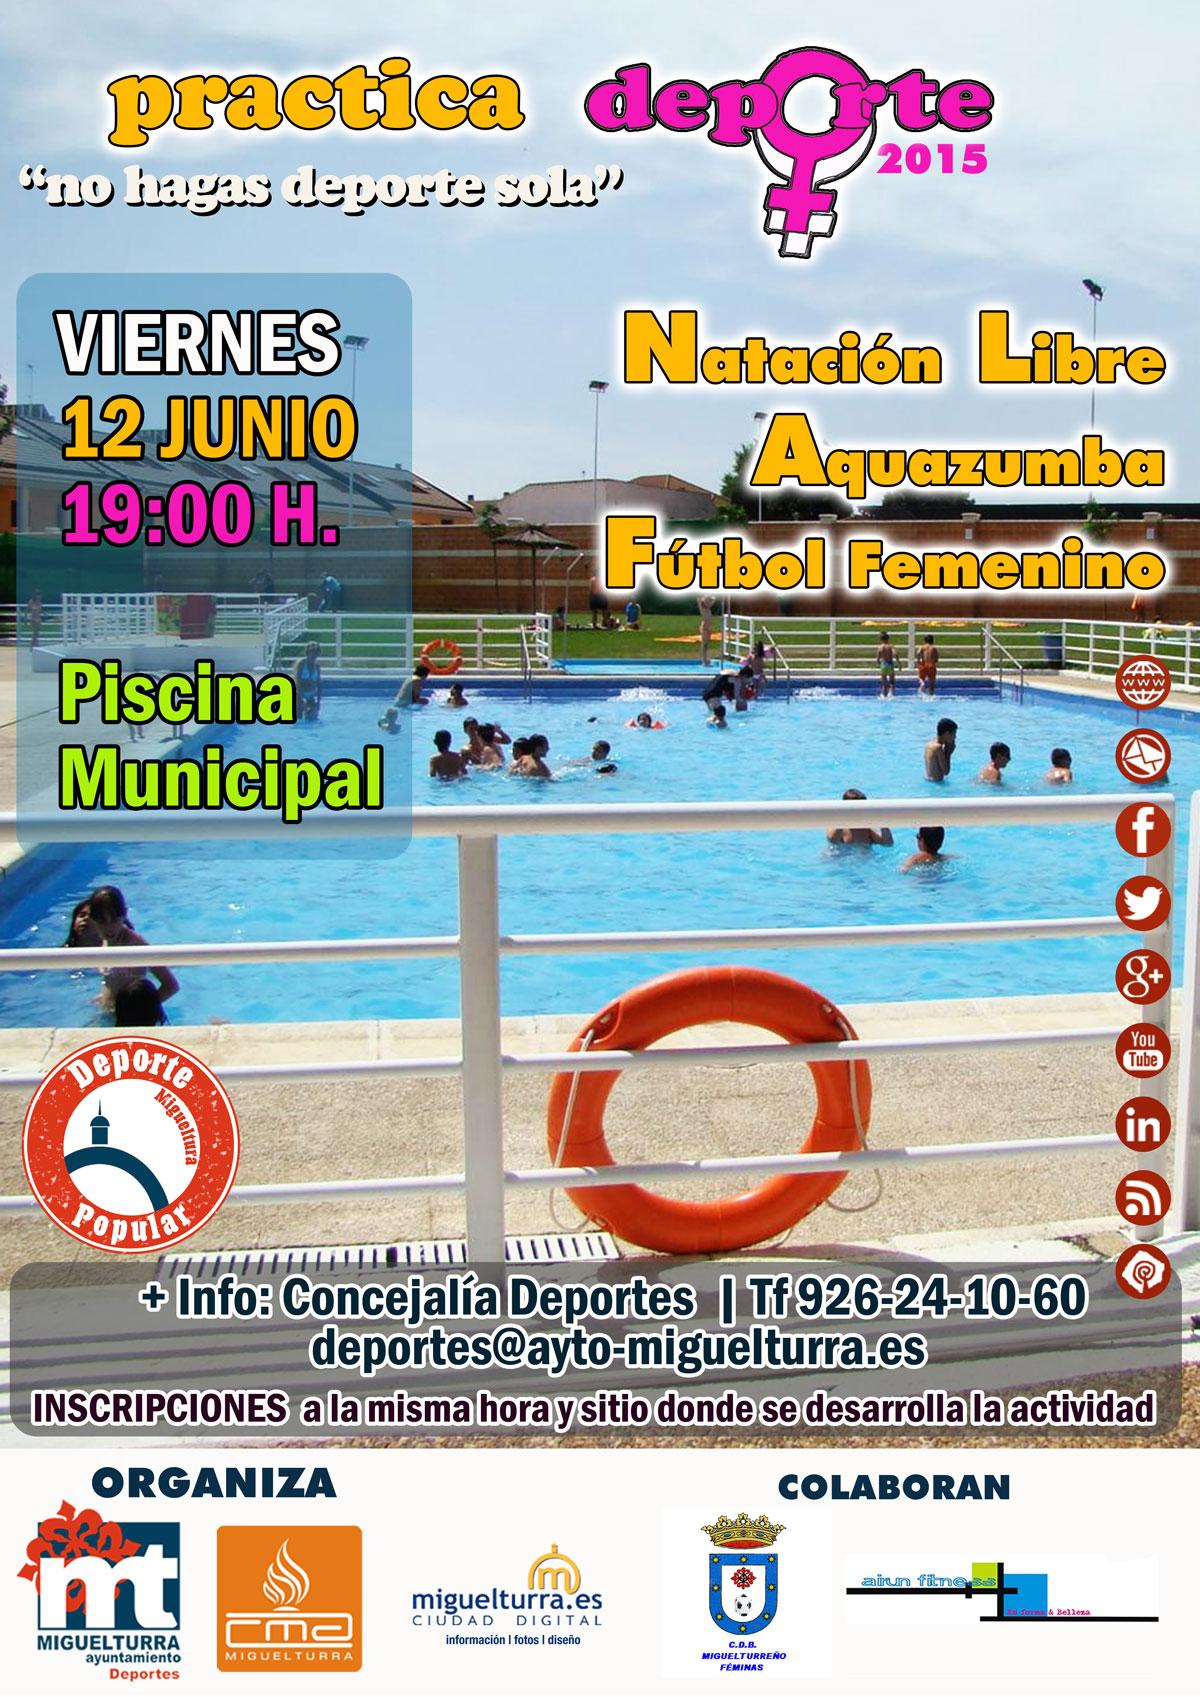 practica deporte piscina